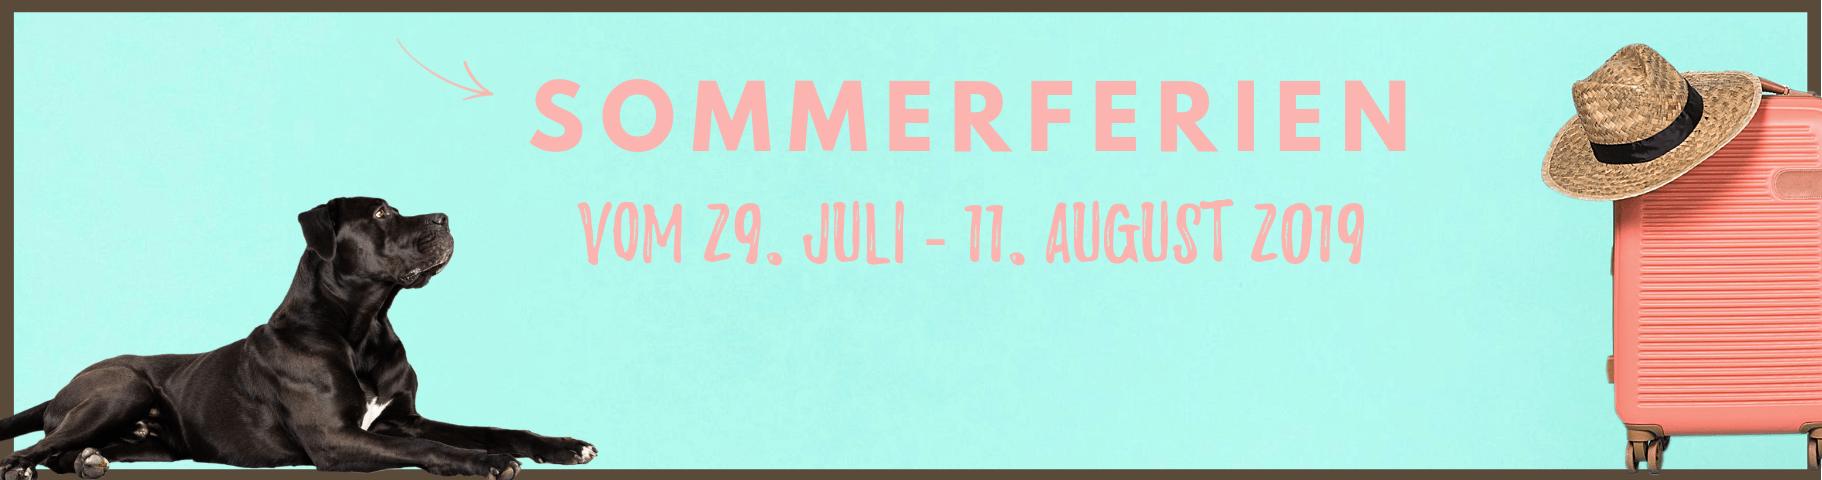 Sommerferien Barfland 2019